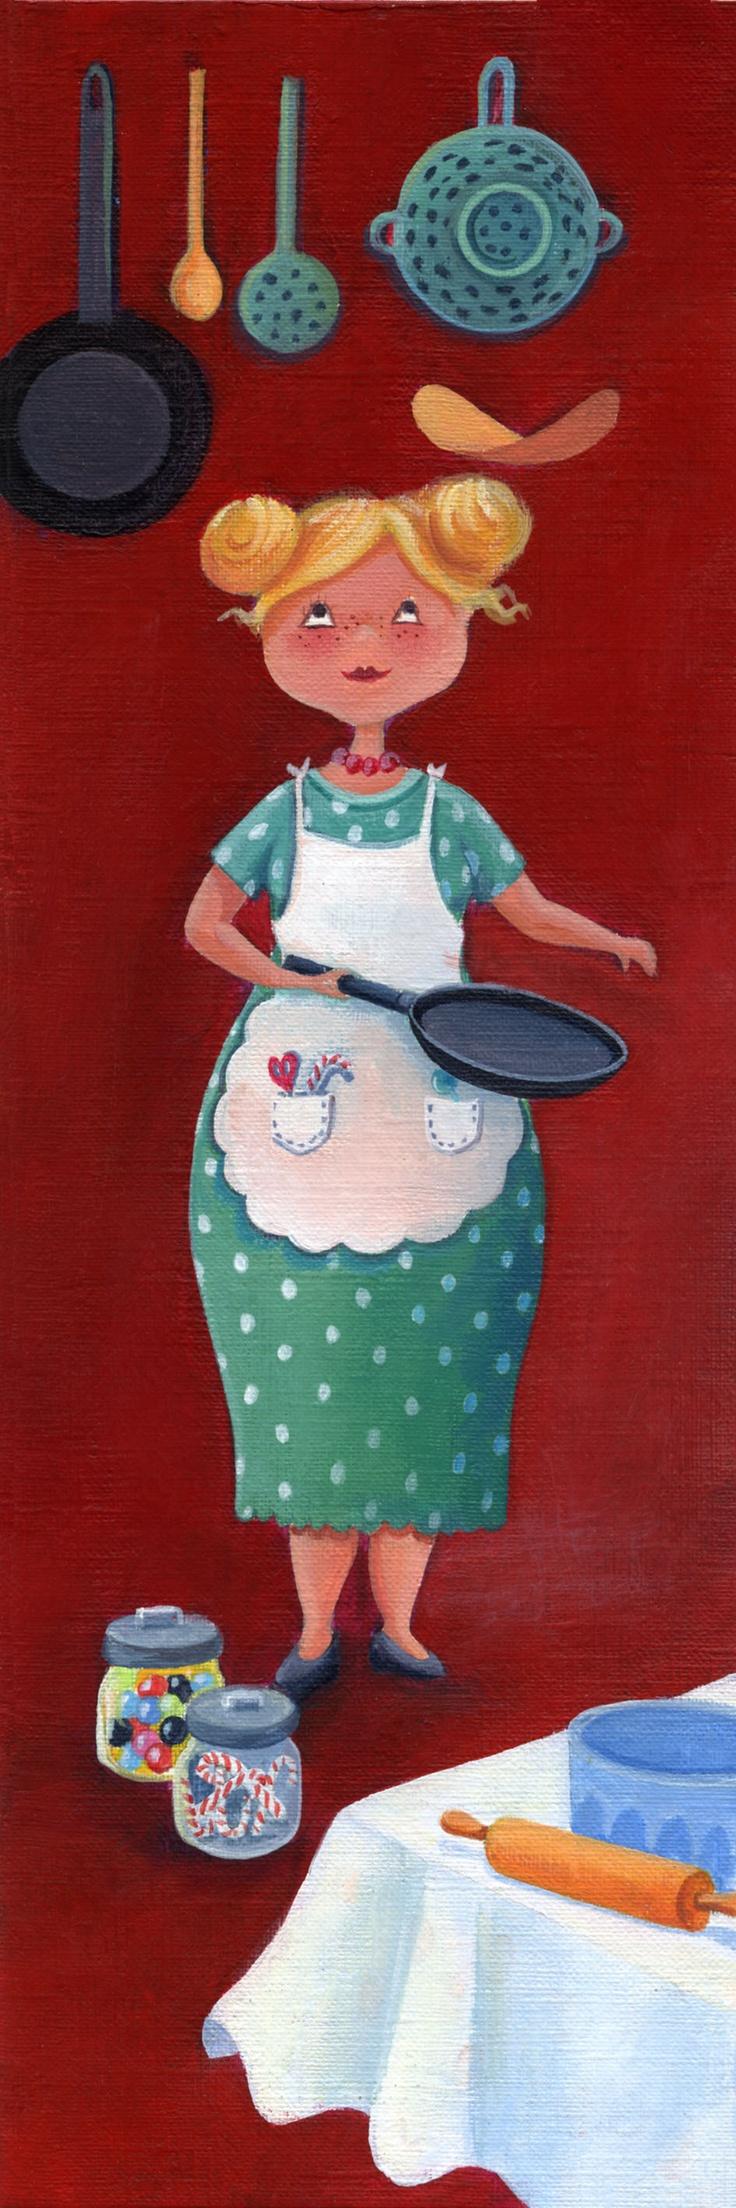 mariecardouat.over-blog.com @@@.....http://es.pinterest.com/mariaalicegoula/trabalho-feminino/